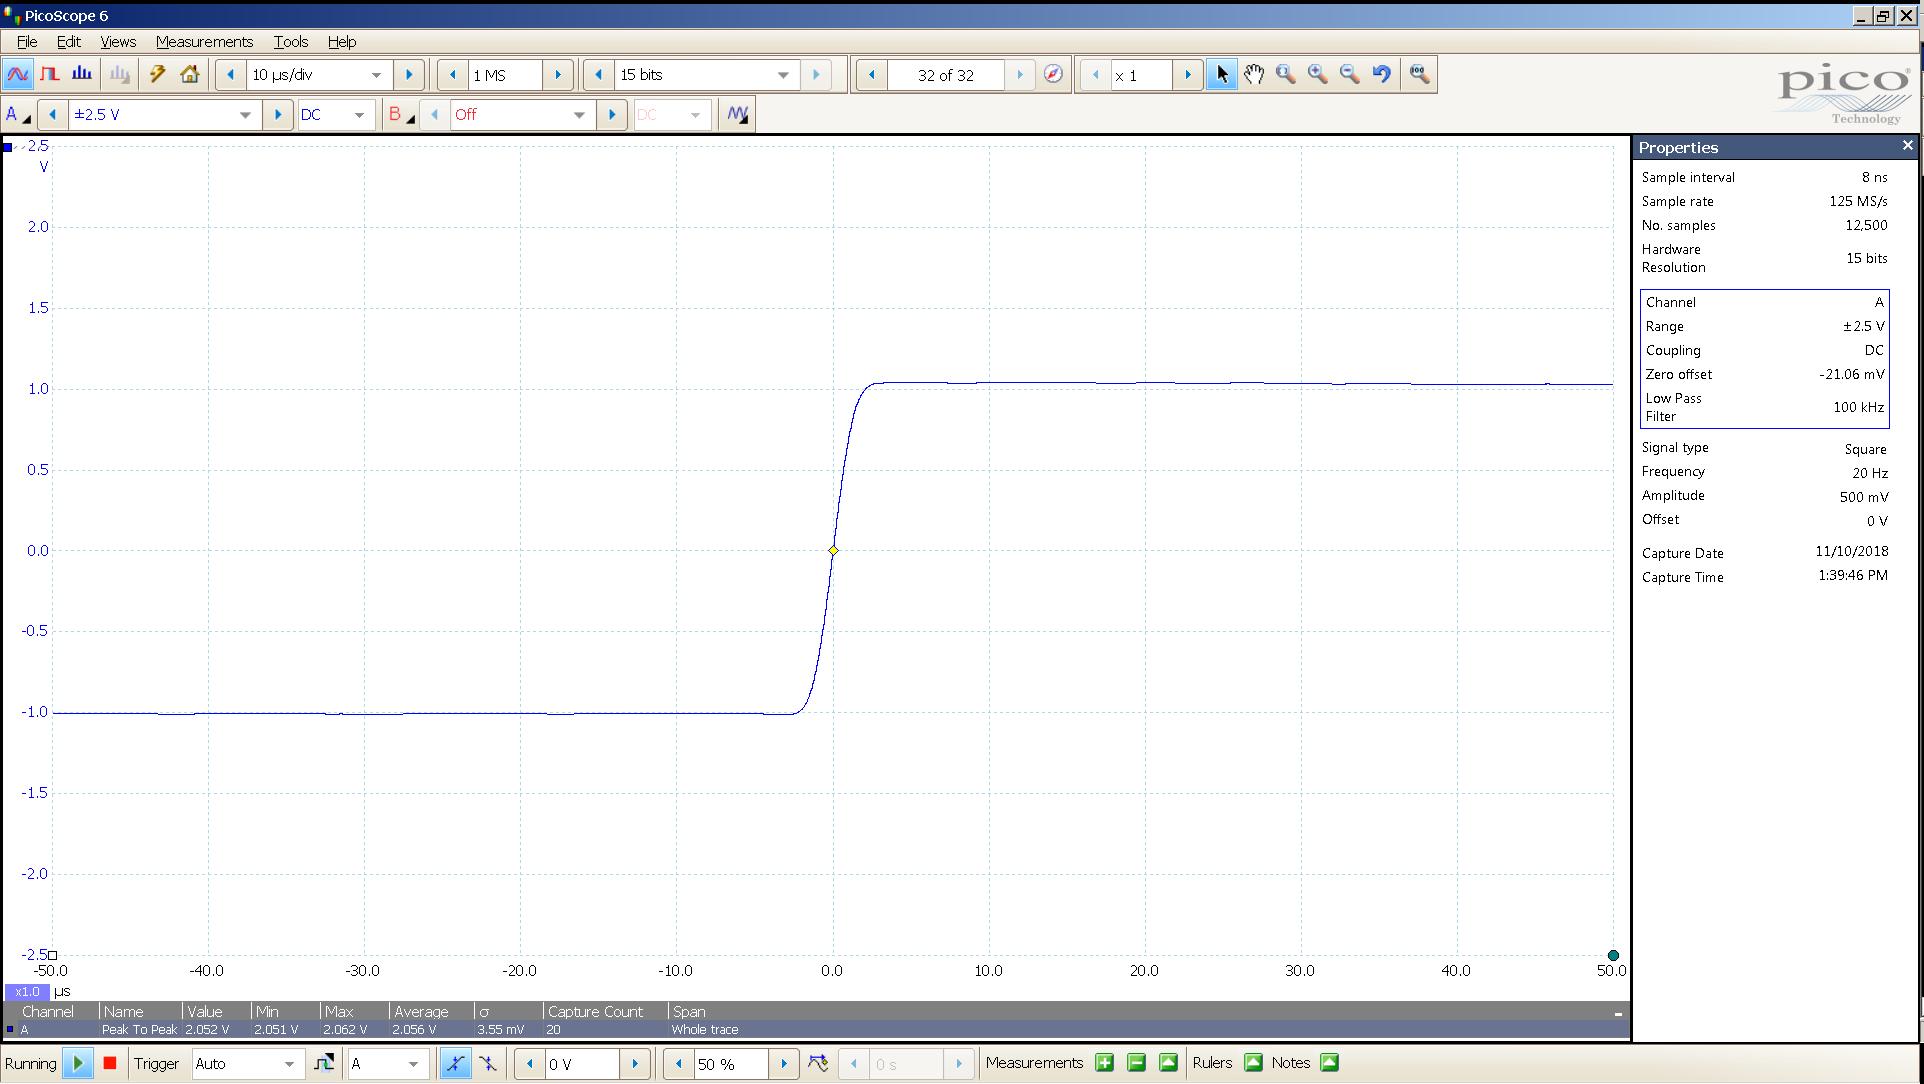 20181110 SigGen LiqPlat 20 Hz square 2000mVpp 10uS div 100KHz filter 30R.png